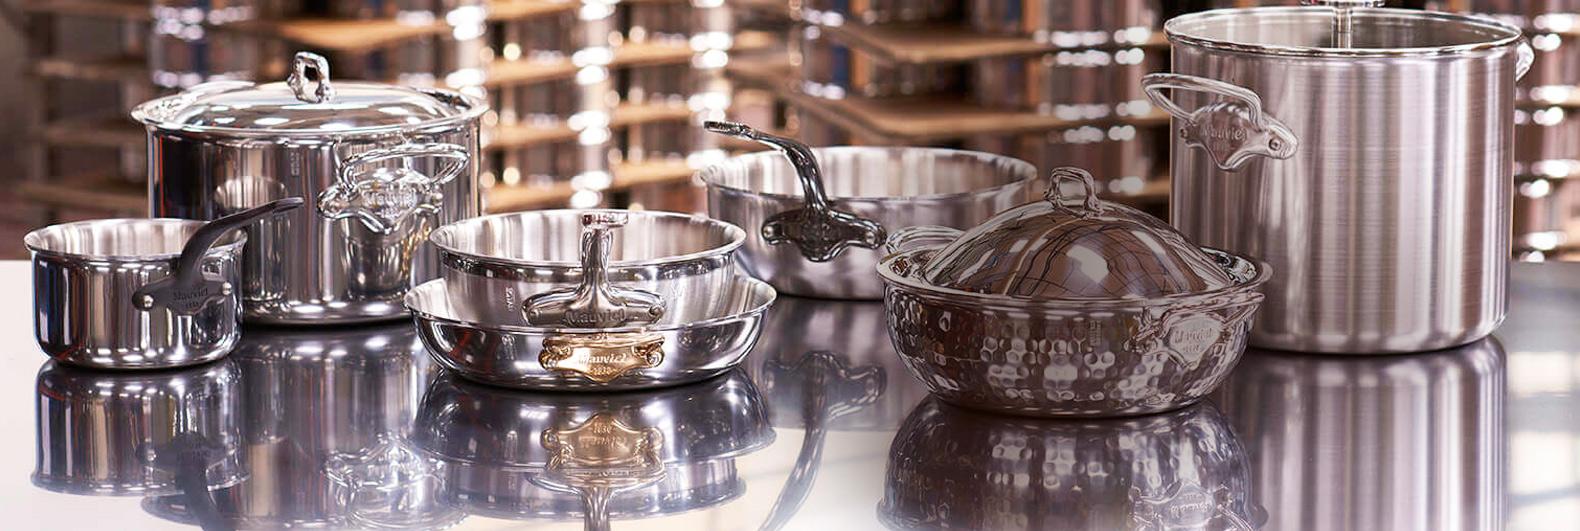 Clepsydre le bel objet mauviel fabricant d 39 ustensiles de cuisine dinandier po lier - Cuisine direct fabricant ...